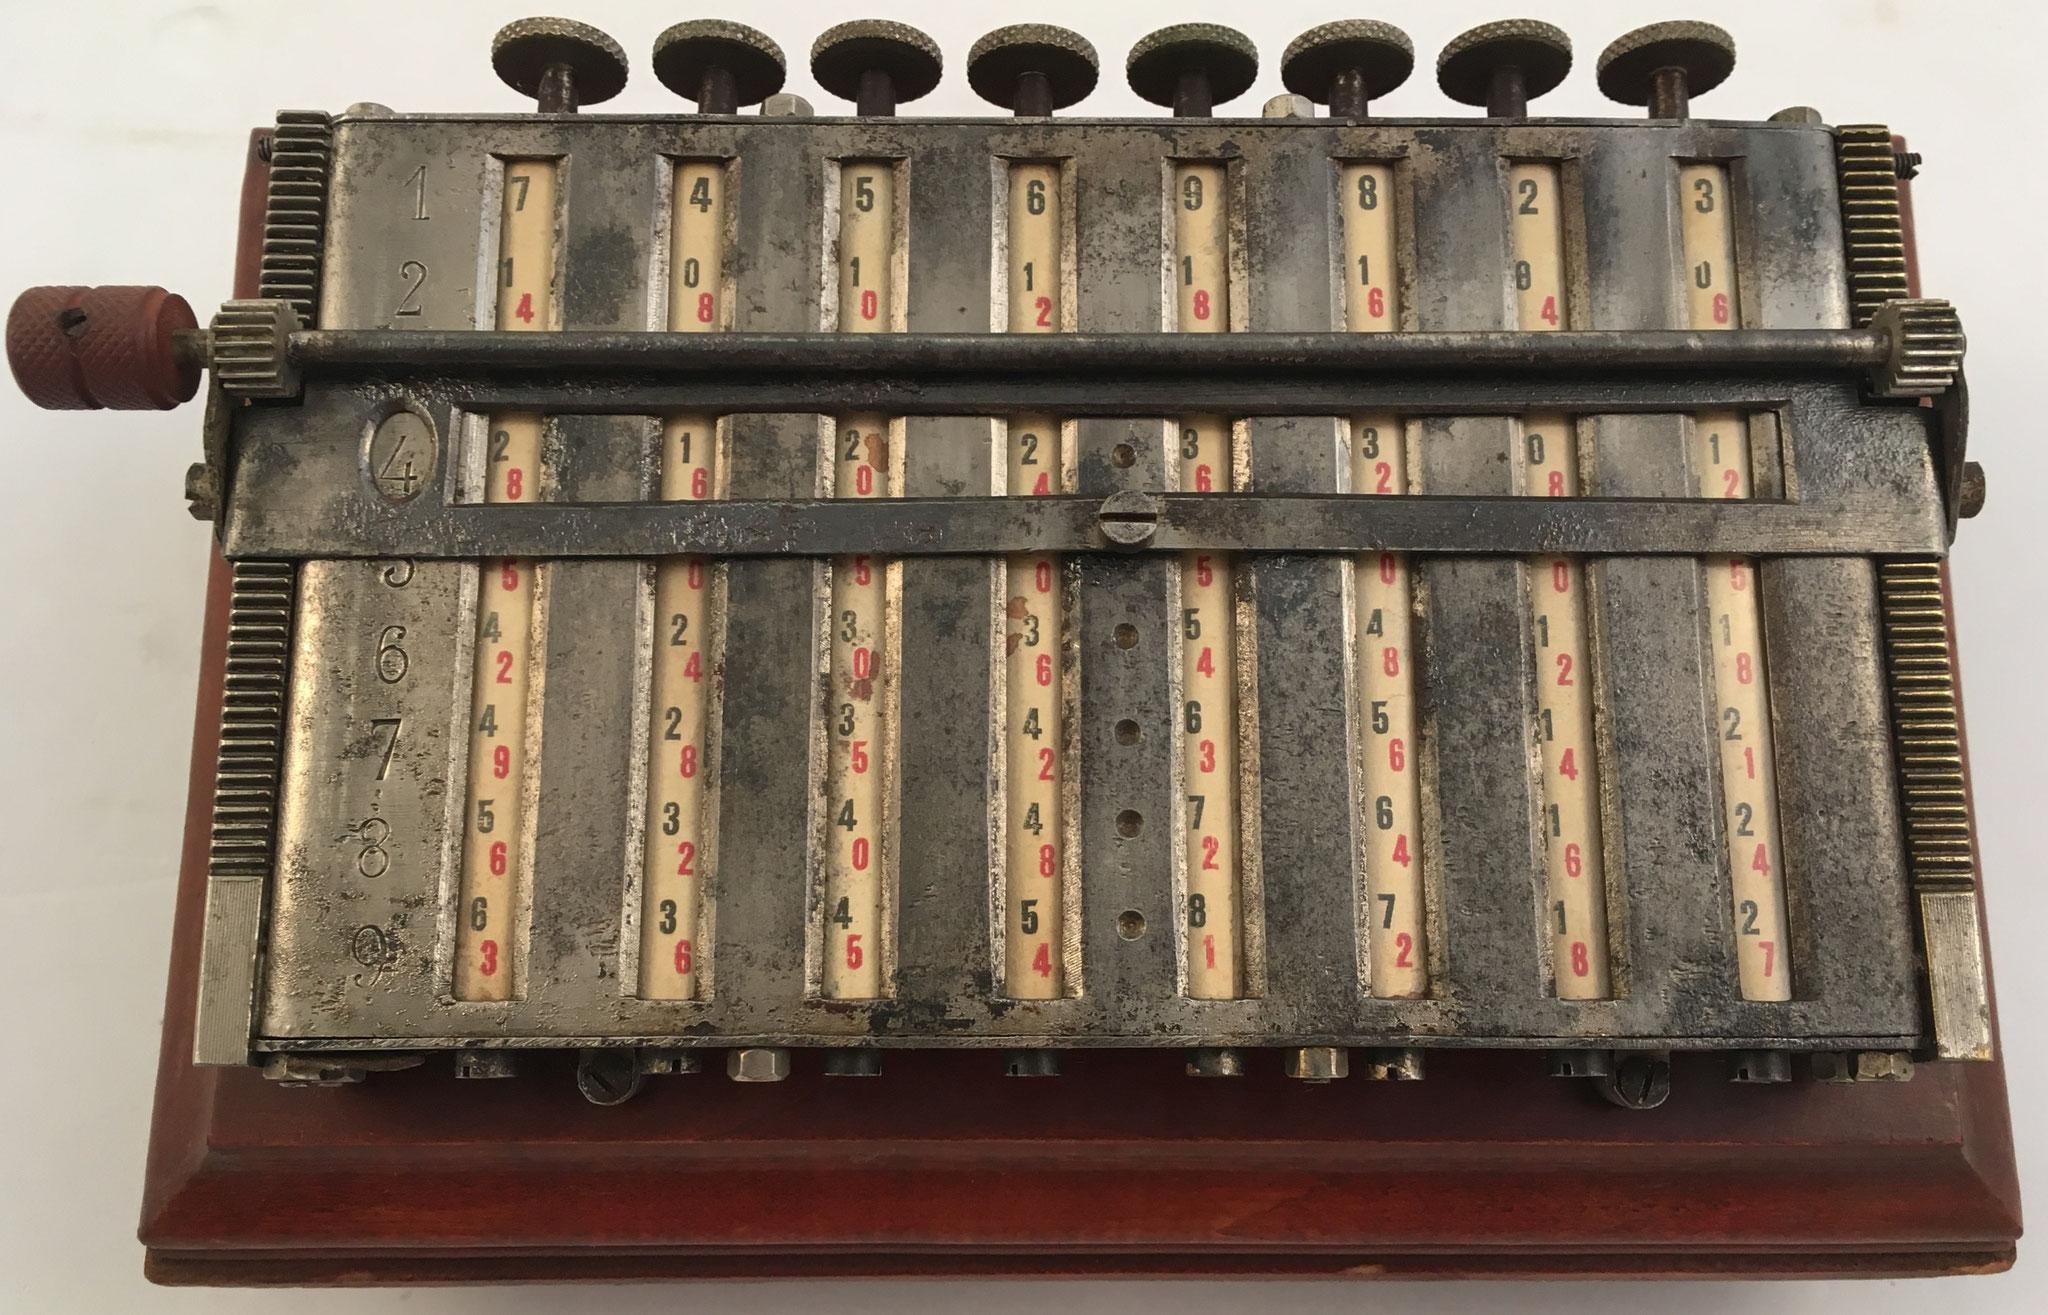 MULDIVI, ejemplar 1, con 8 cilindros multiplicativos de Napier de 10 caras cada uno, hecho en Francia hacia 1920, 22x14x9 cm